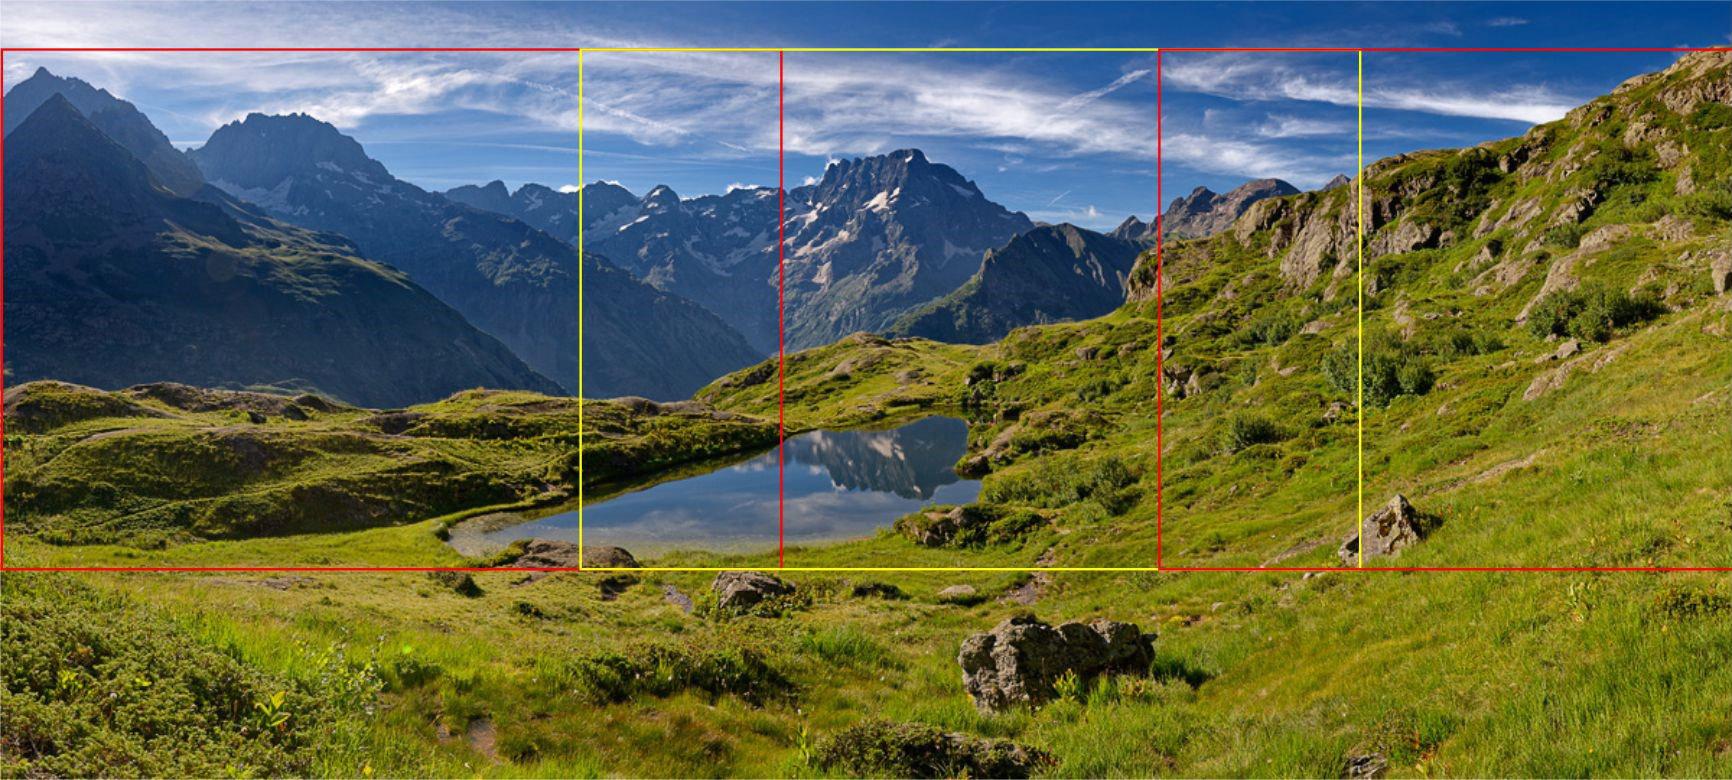 FIL ROUGE : Panoramas - Page 10 914329panoboitierhorizontal